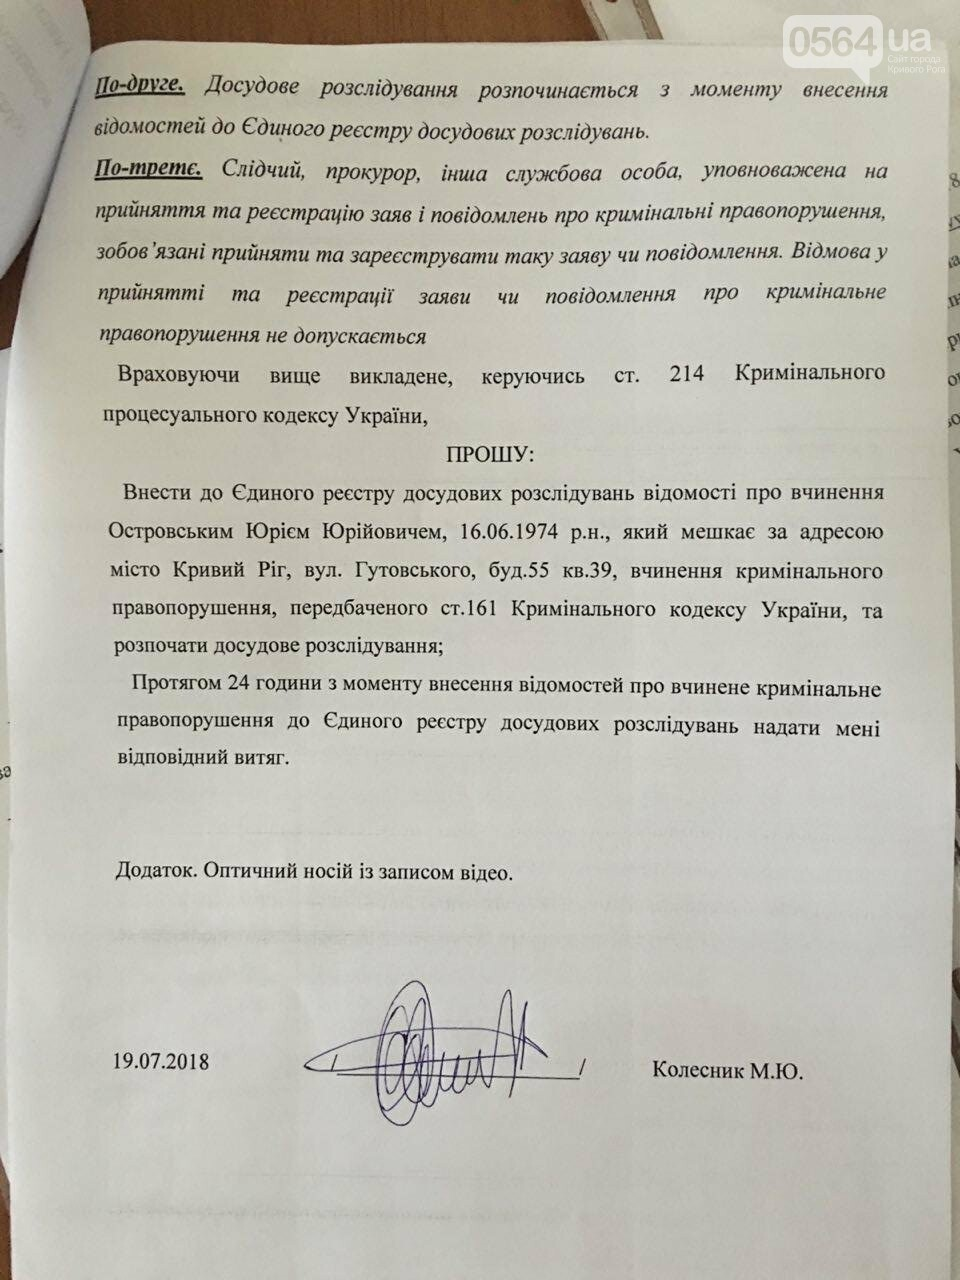 Криворожане передали в СБУ заявление с требованием проверить организации, которые возглавлял Островский, - ФОТО, фото-6